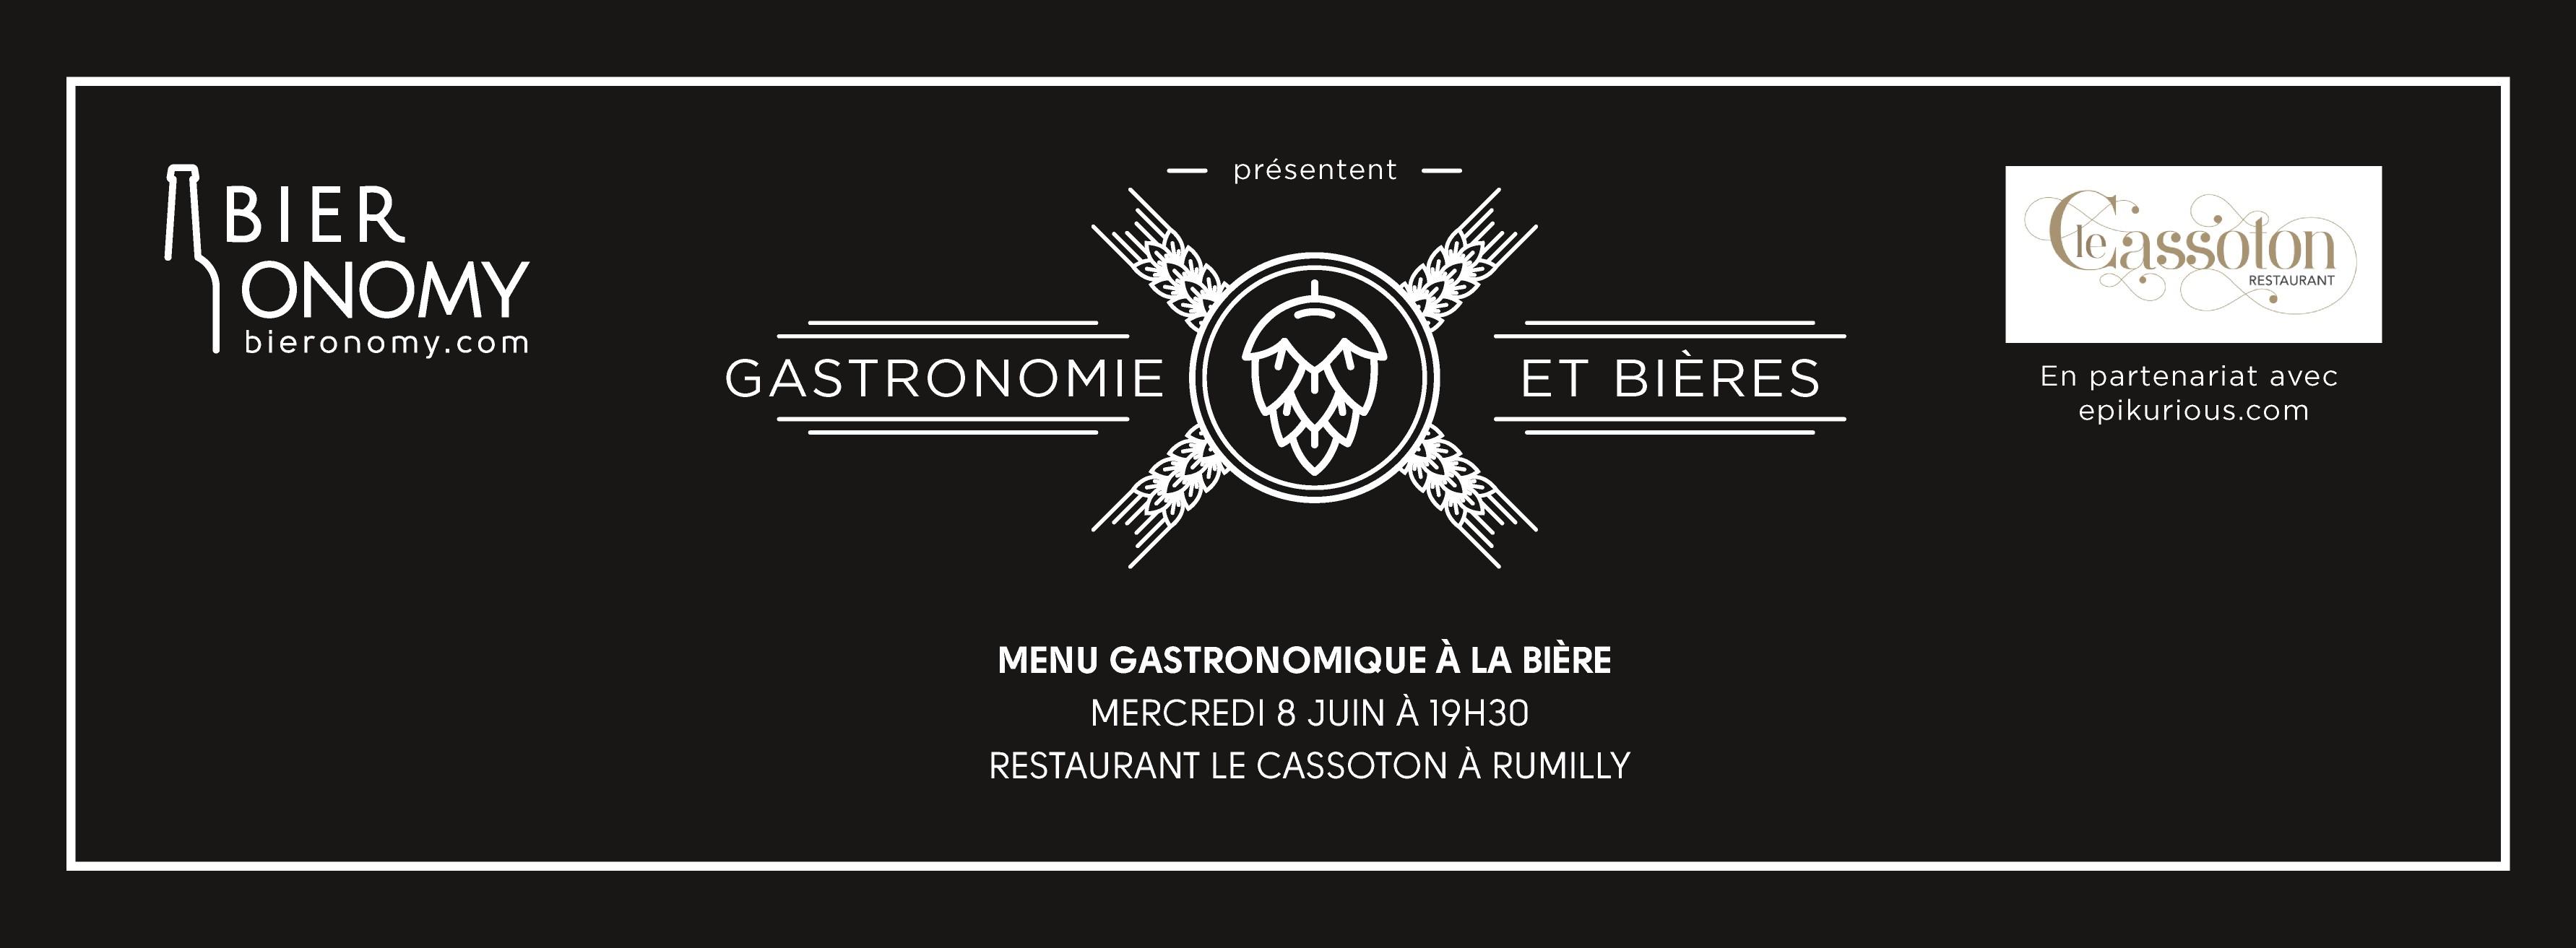 Soirée Gastronomie et Bières 8 juin 2016